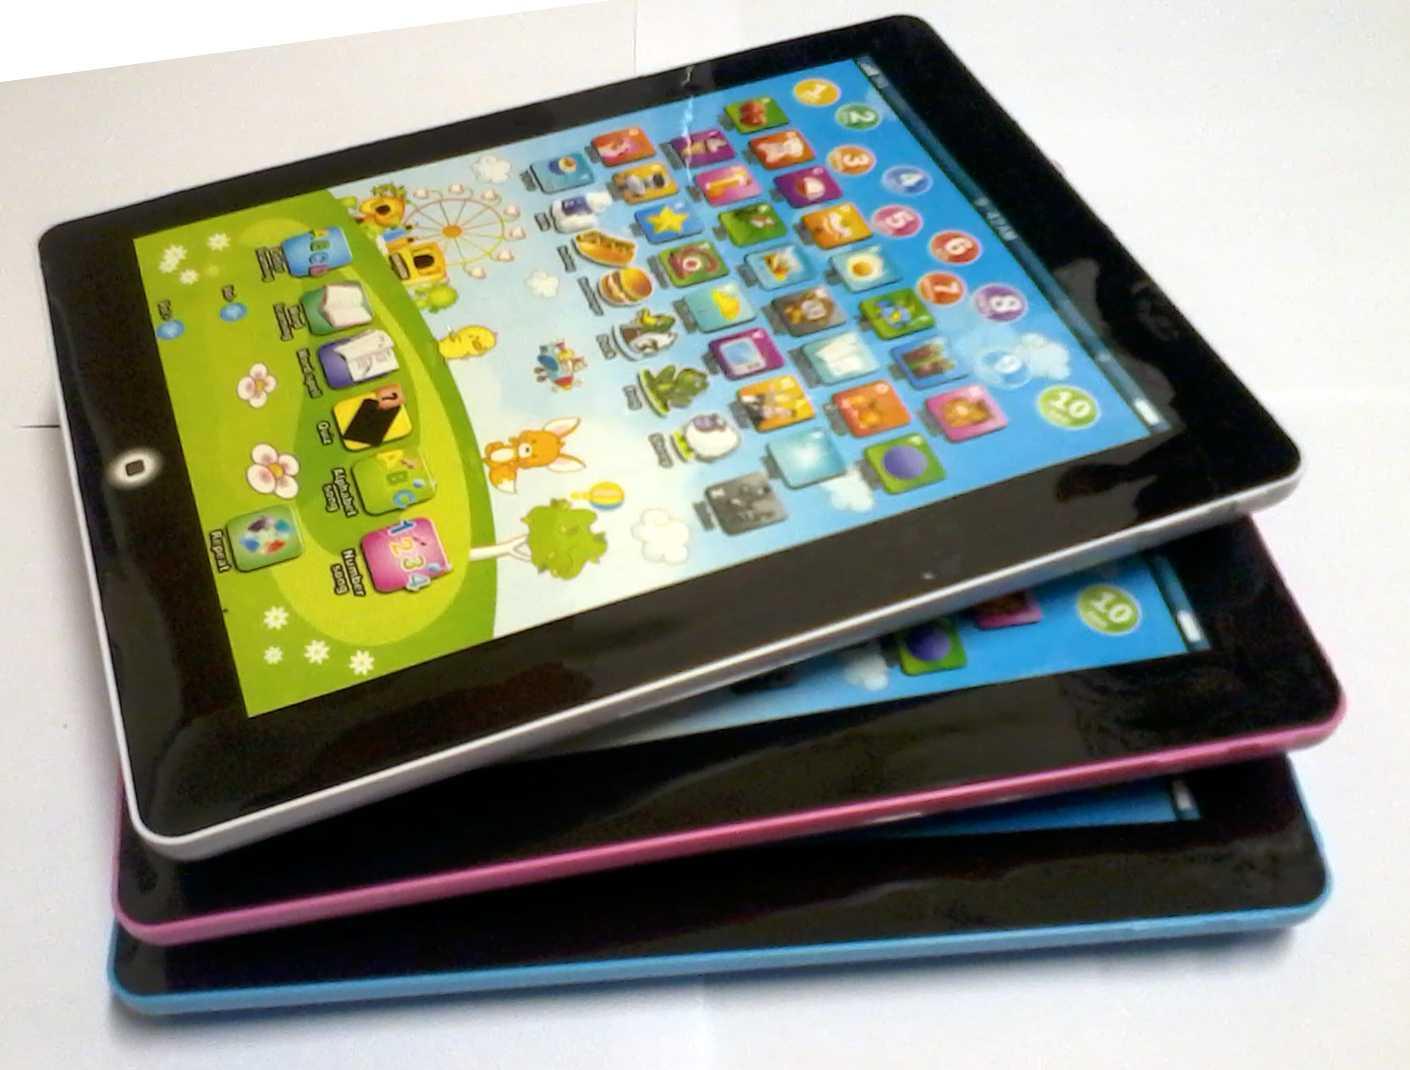 Топ-10 лучших планшетов для детей 2020 года в рейтинге zuzako